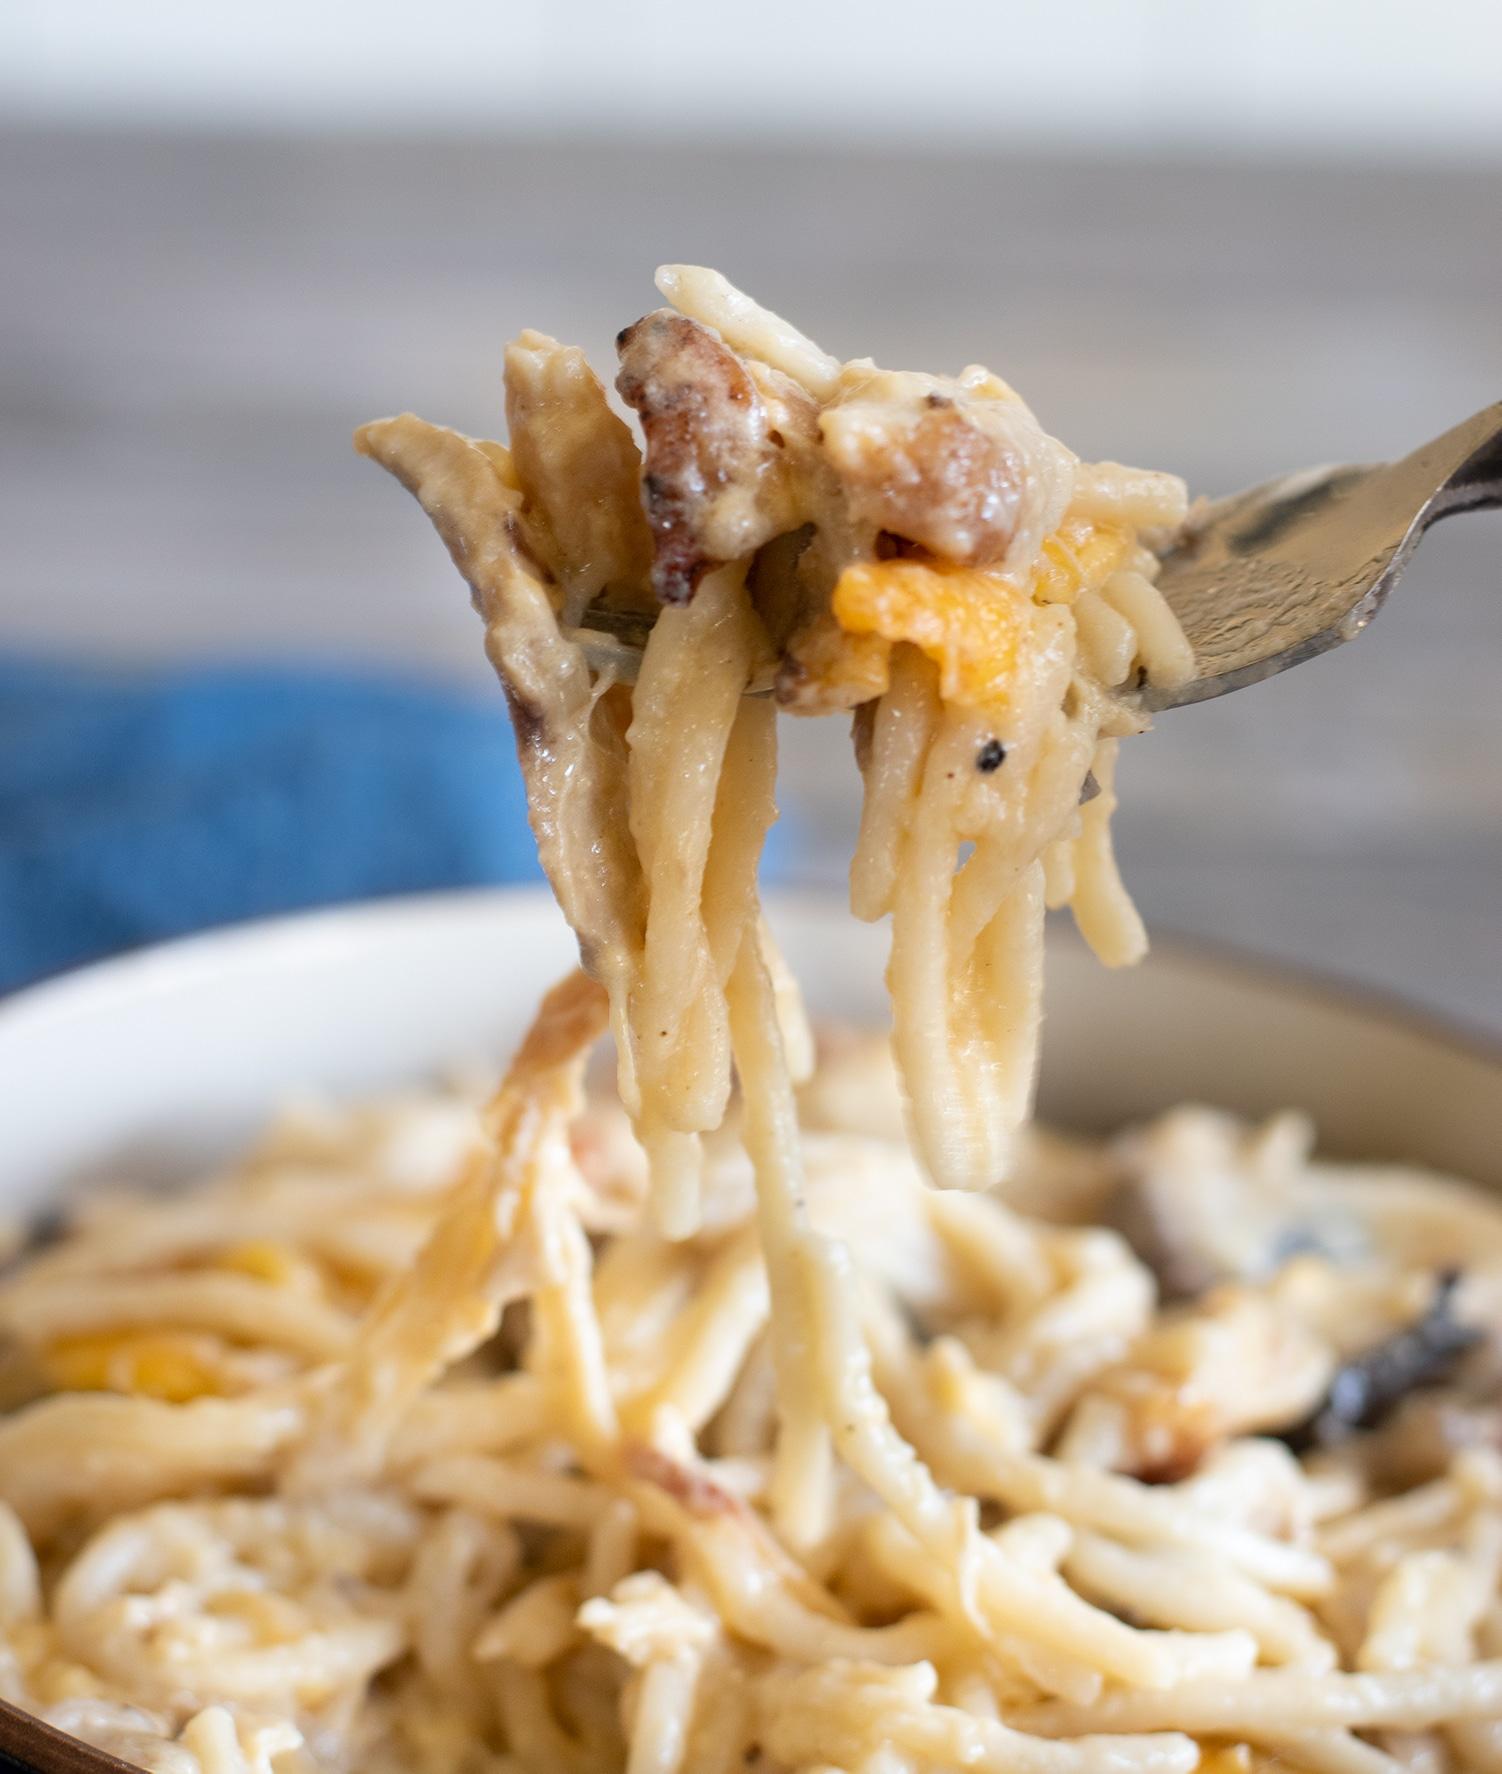 a forkful of gluten free chicken tetrazzini